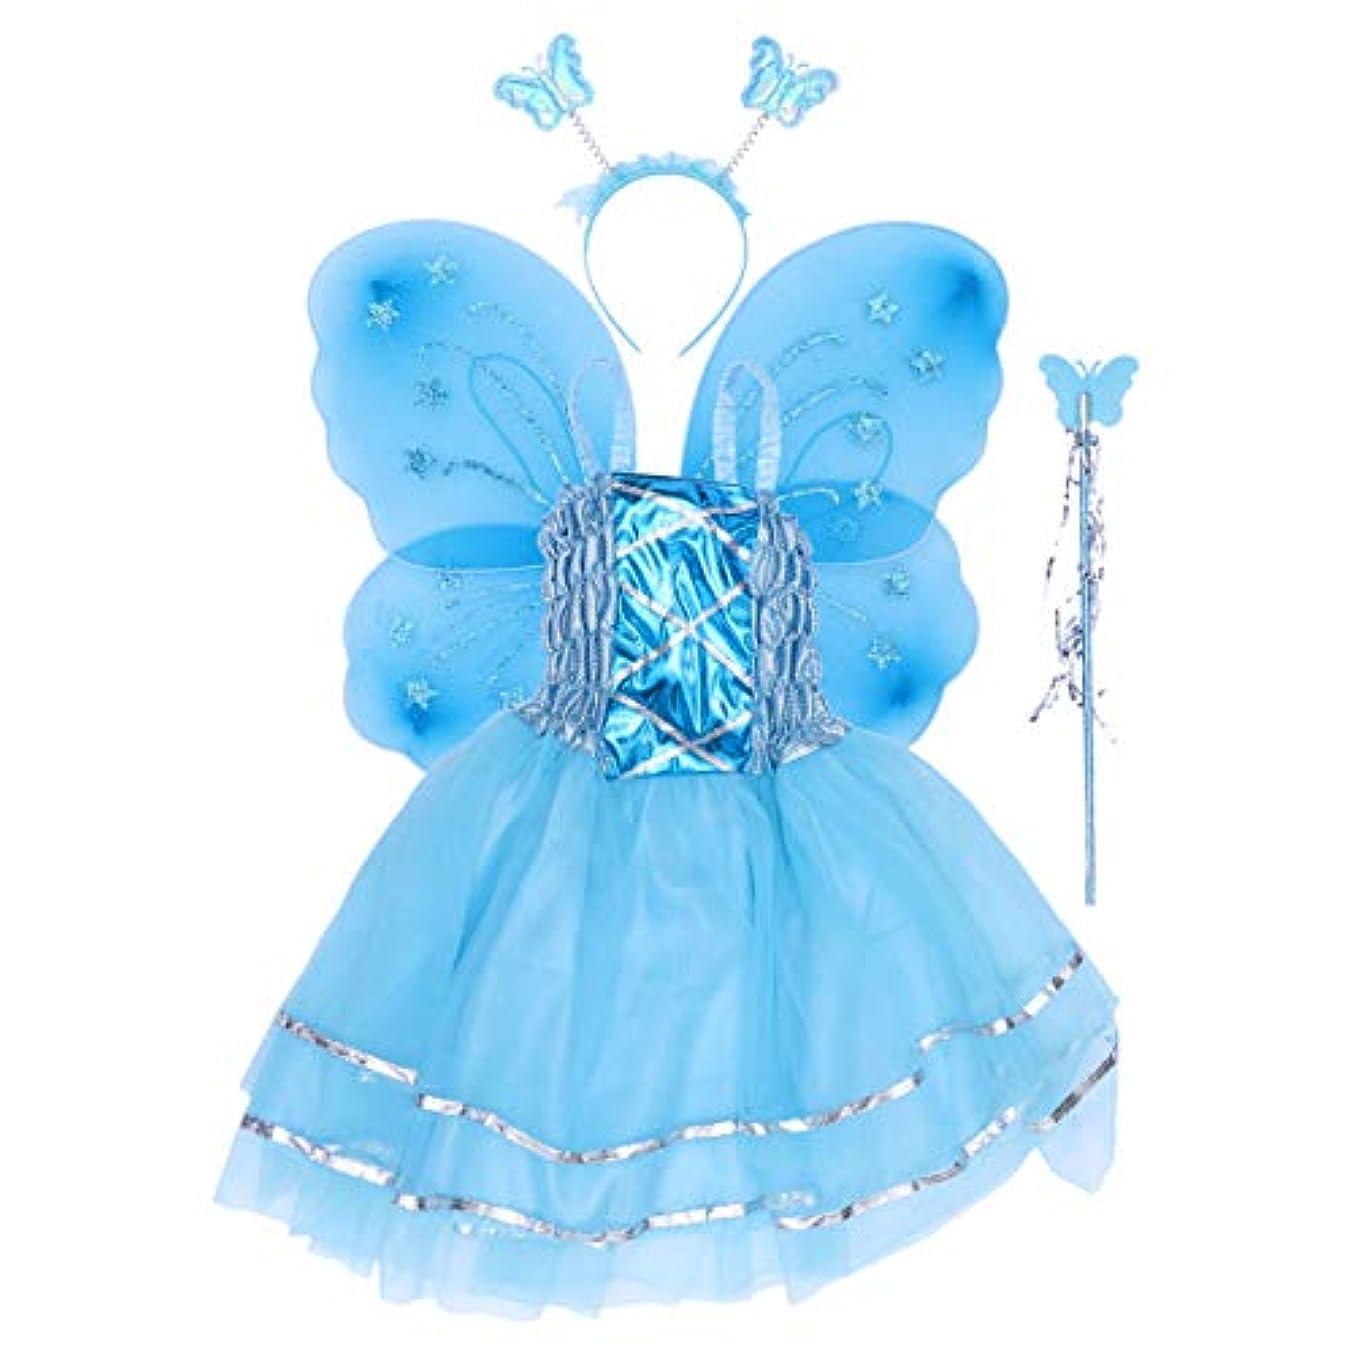 フルーティー遠いネイティブBESTOYARD 蝶の羽、ワンド、ヘッドバンド、ツツードレス(スカイブルー)と4個の女の子バタフライプリンセス妖精のコスチュームセット